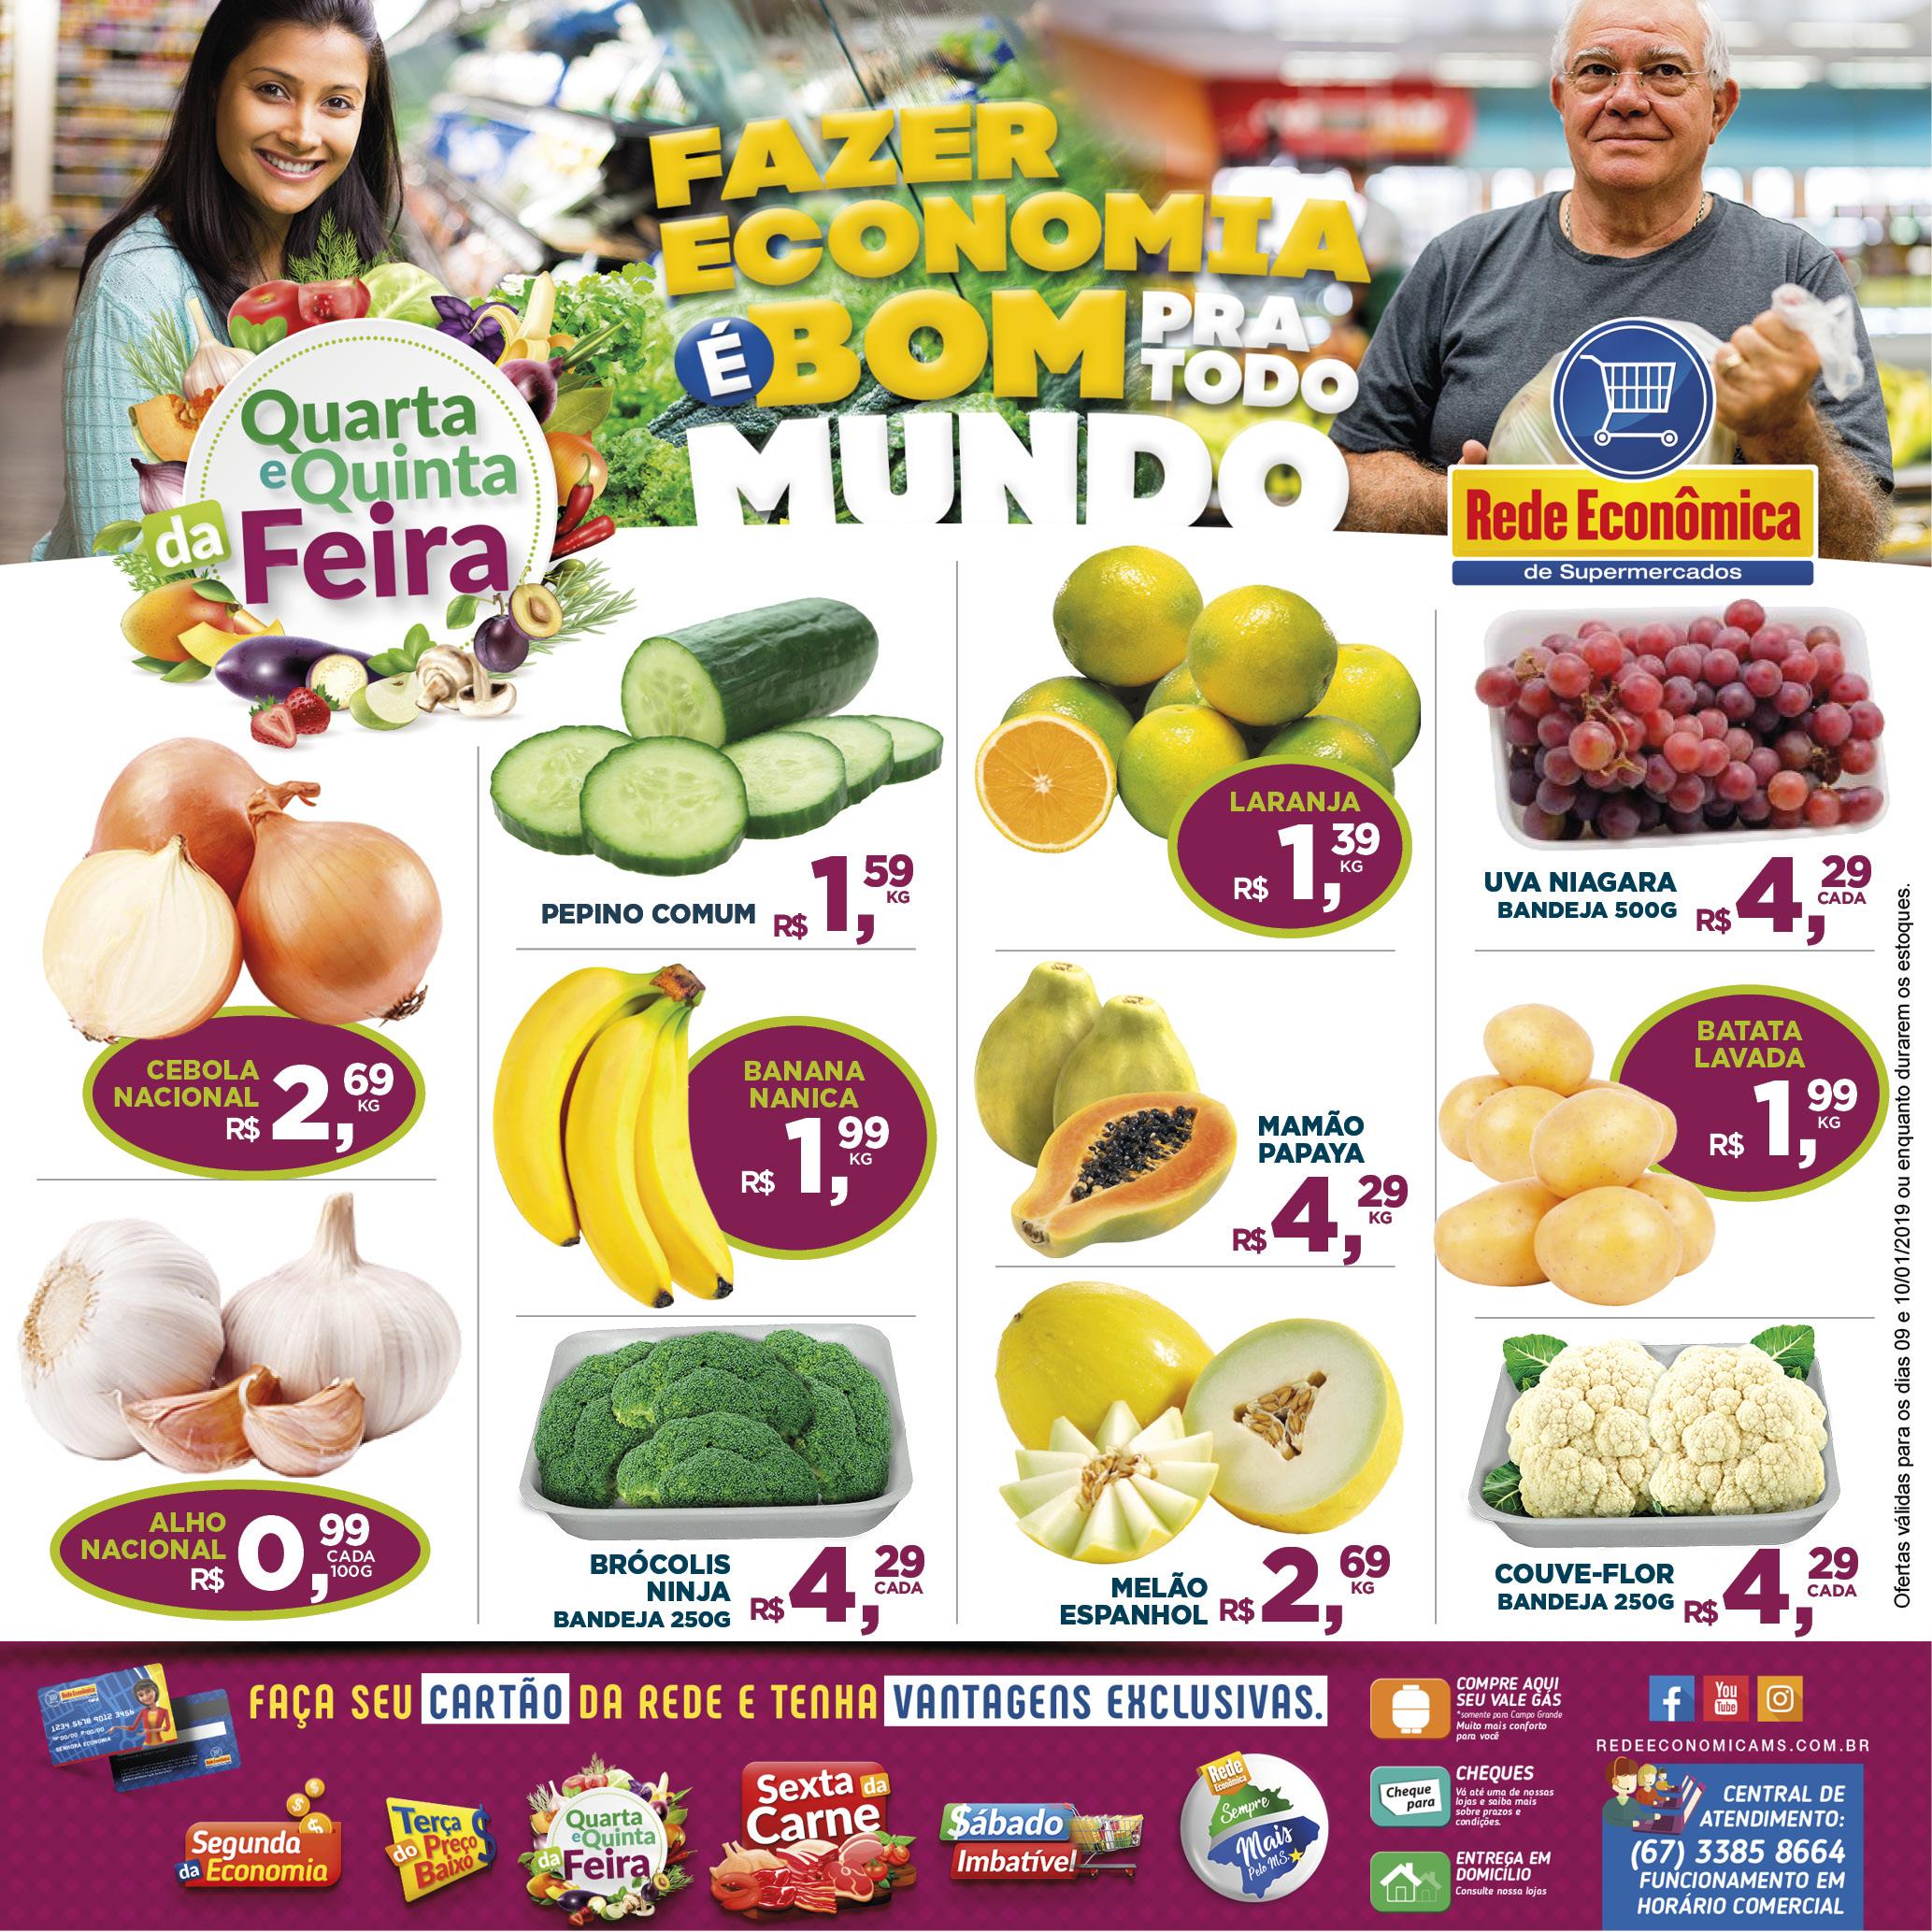 LAMINA_QUARTA_E_QUINTA_DA_FEIRA_2019-JANEIRO-9-e-10